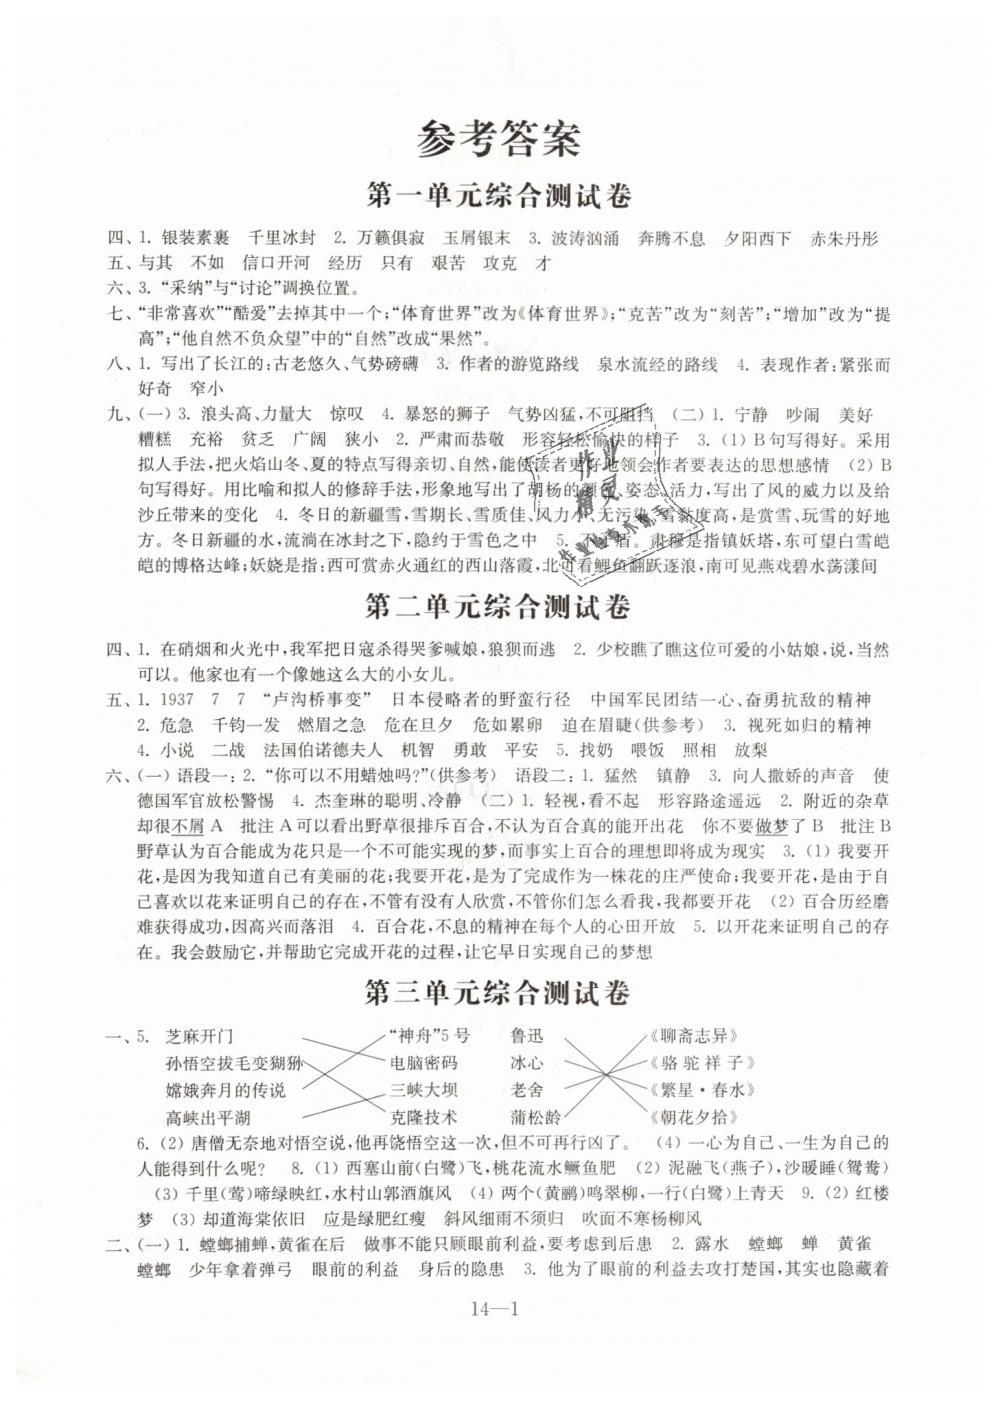 2019苏教版六年级下册语文同步练习配套试卷答案